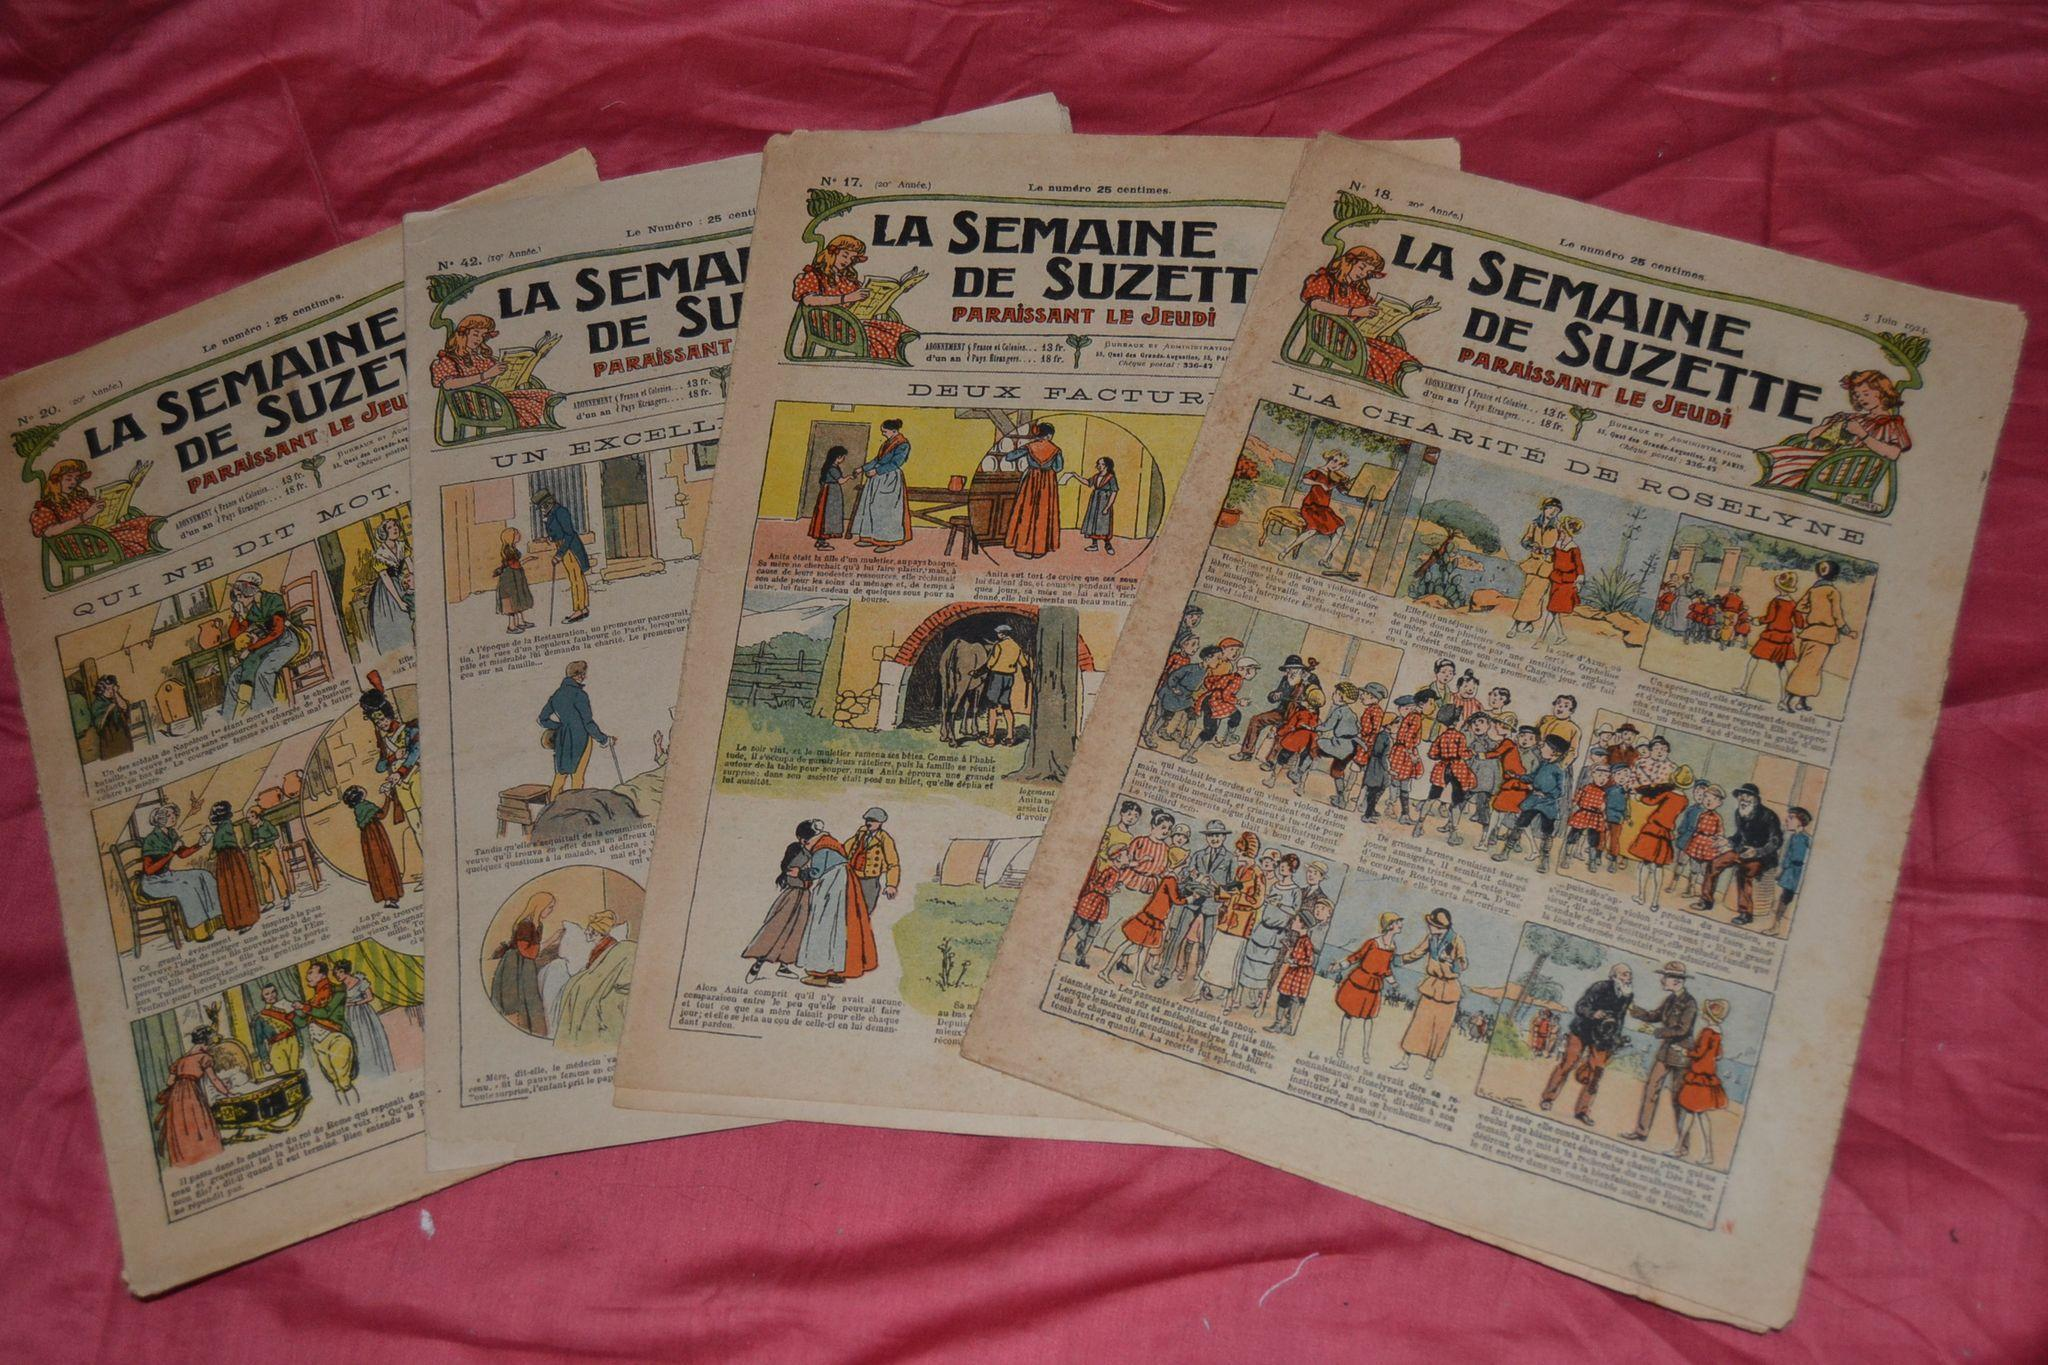 La semaine de suzette de 1923/24 4 newspaper with3 wonderful pattern for bleuette